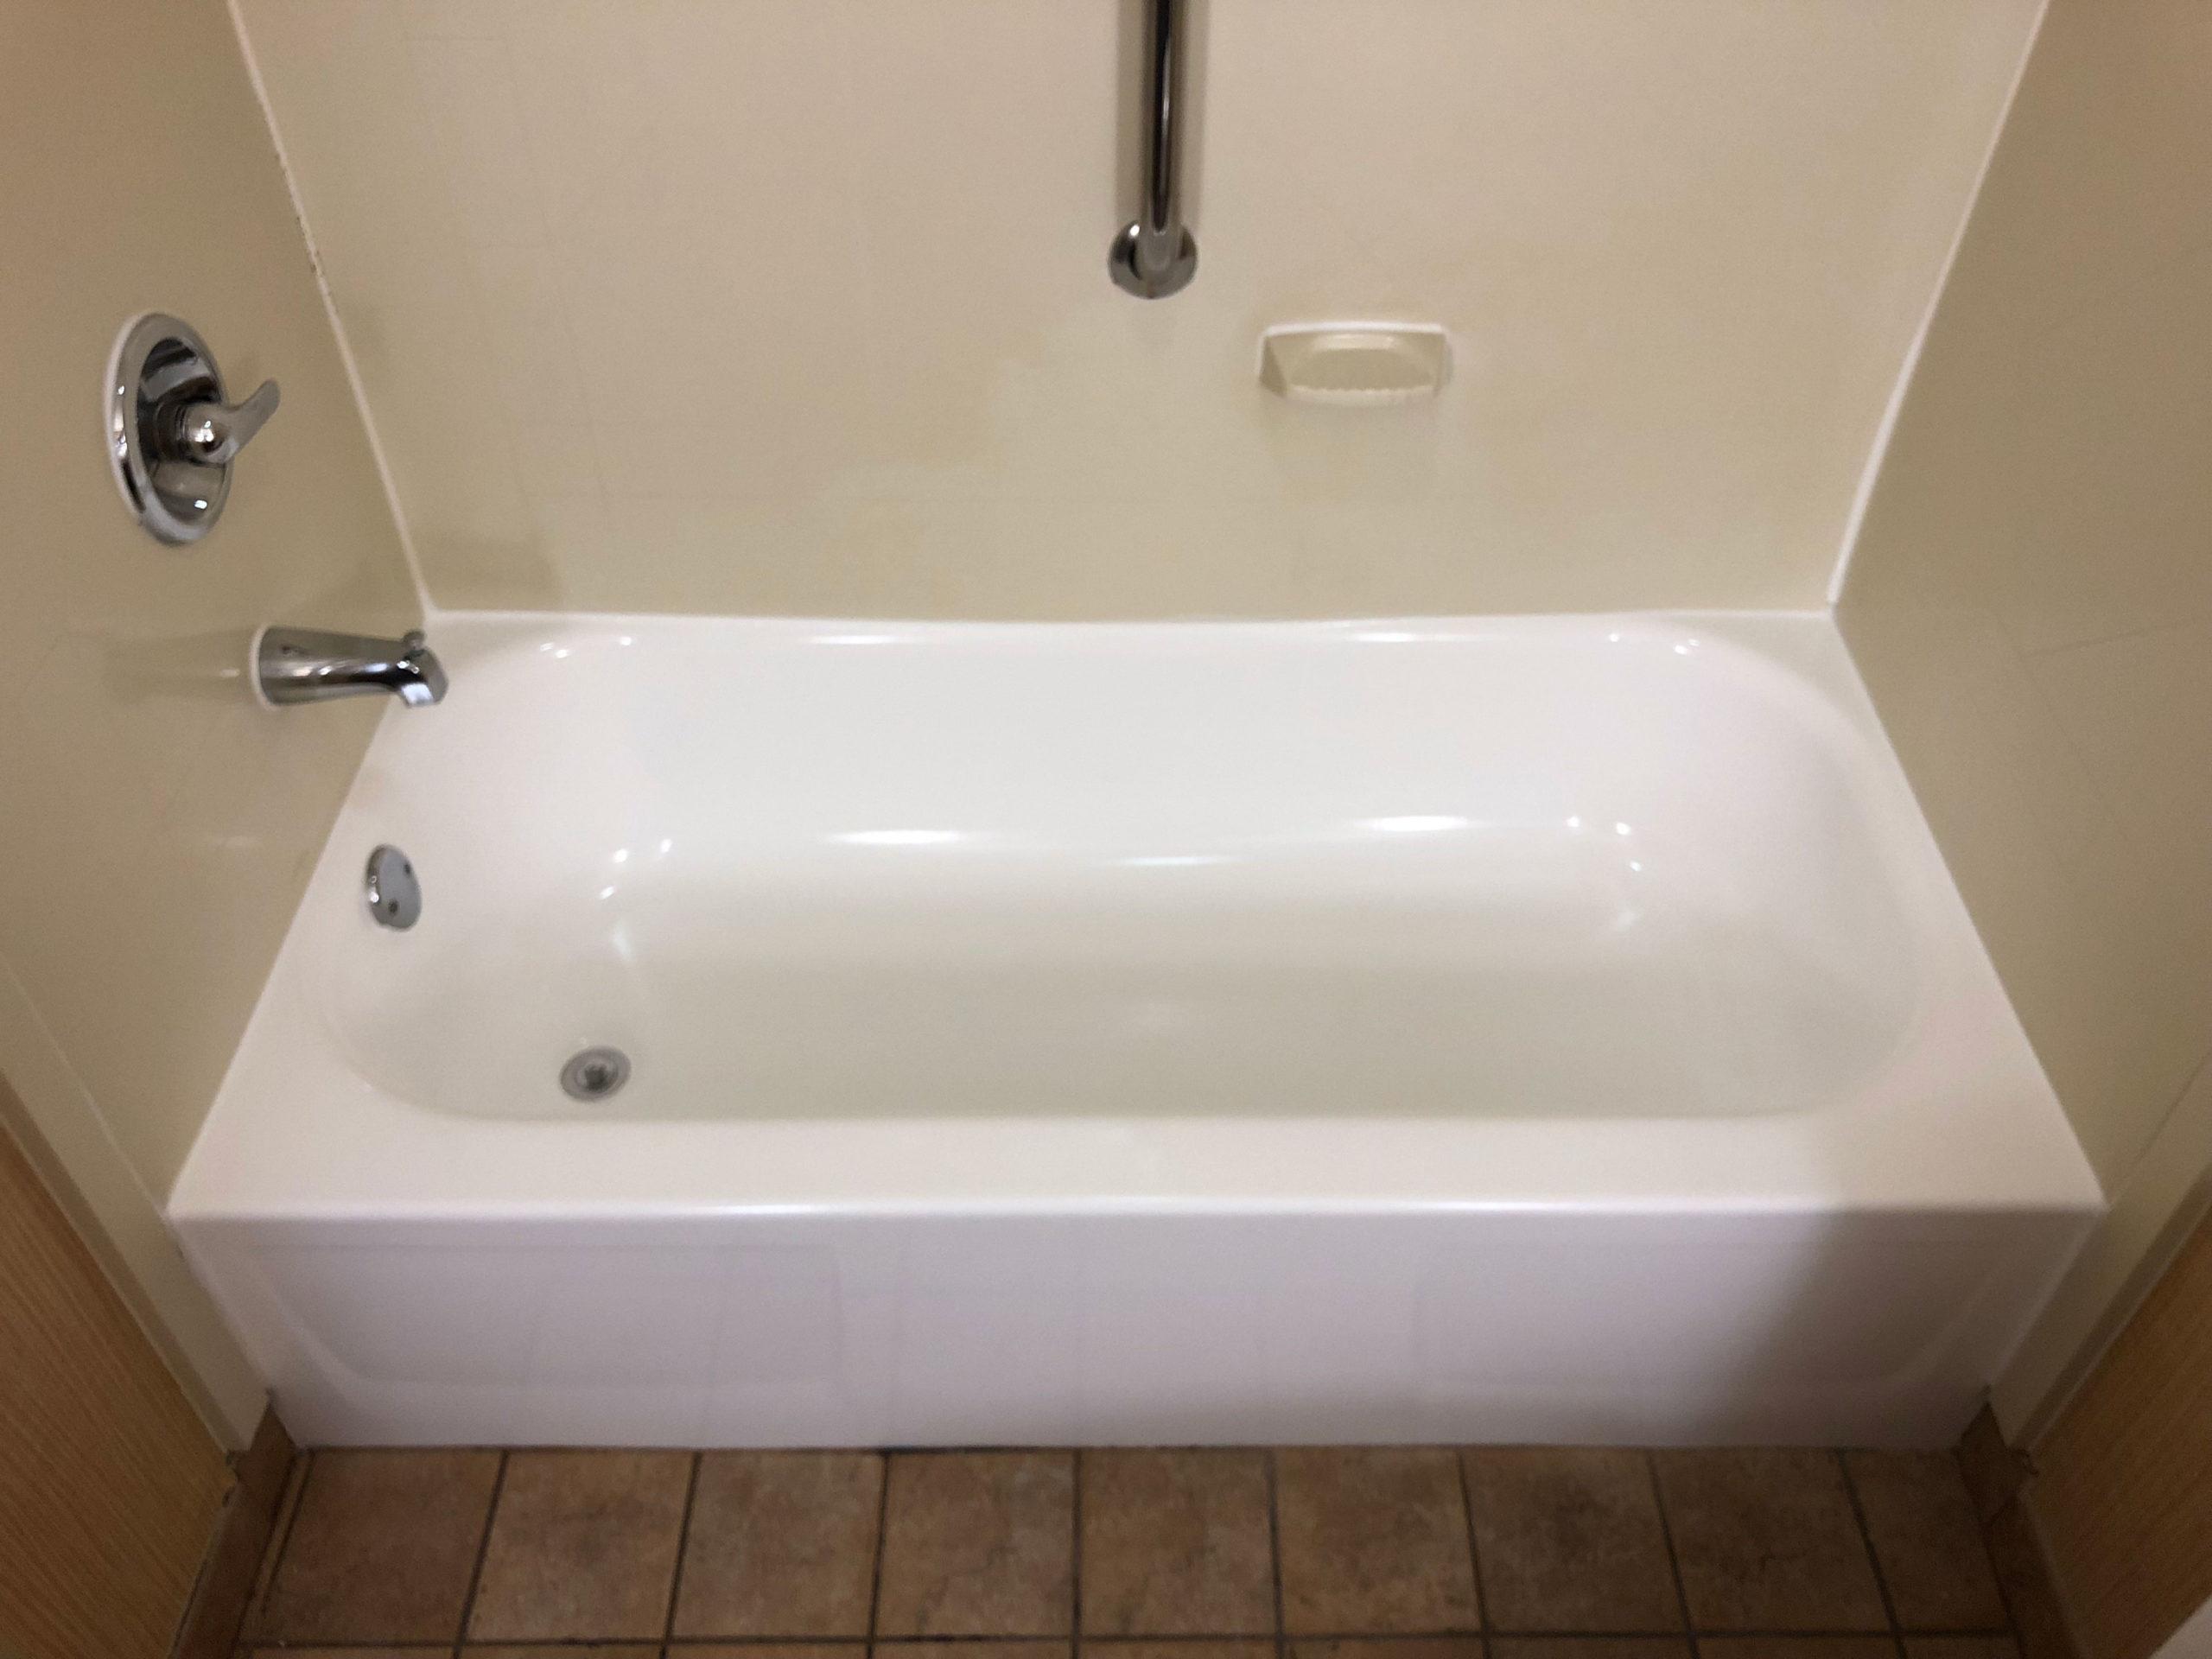 worn bathtub after